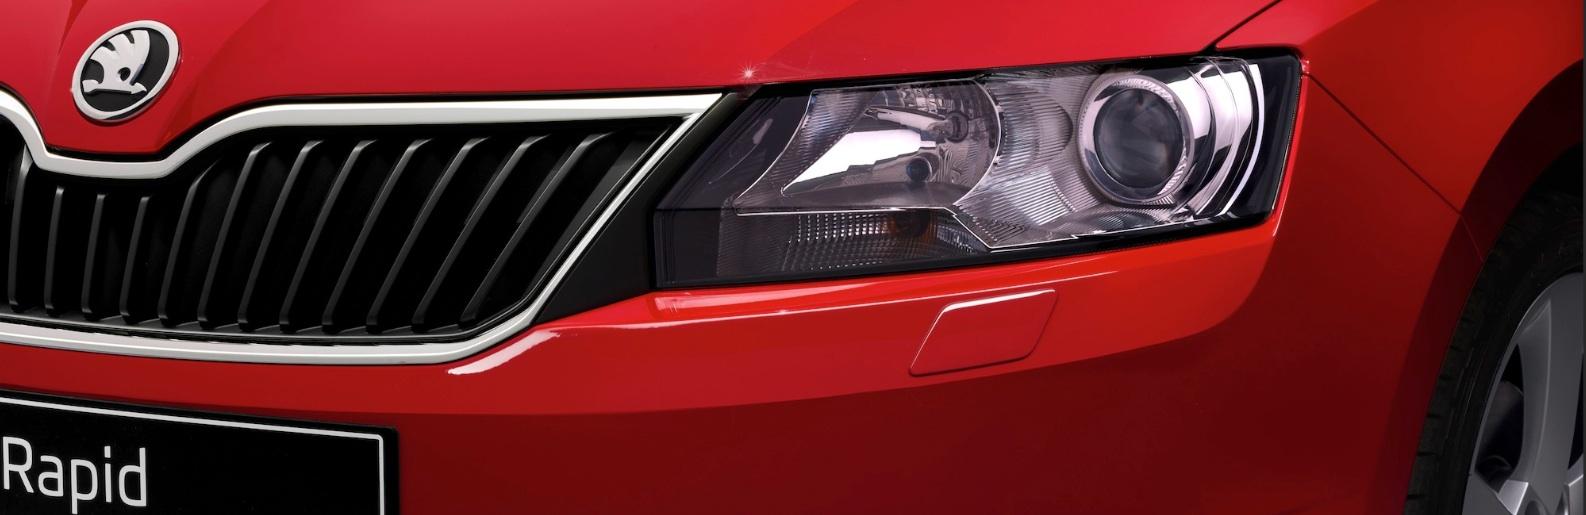 Rapid kommt im Modelljahr 2014 mit Xenon und neuem Motor